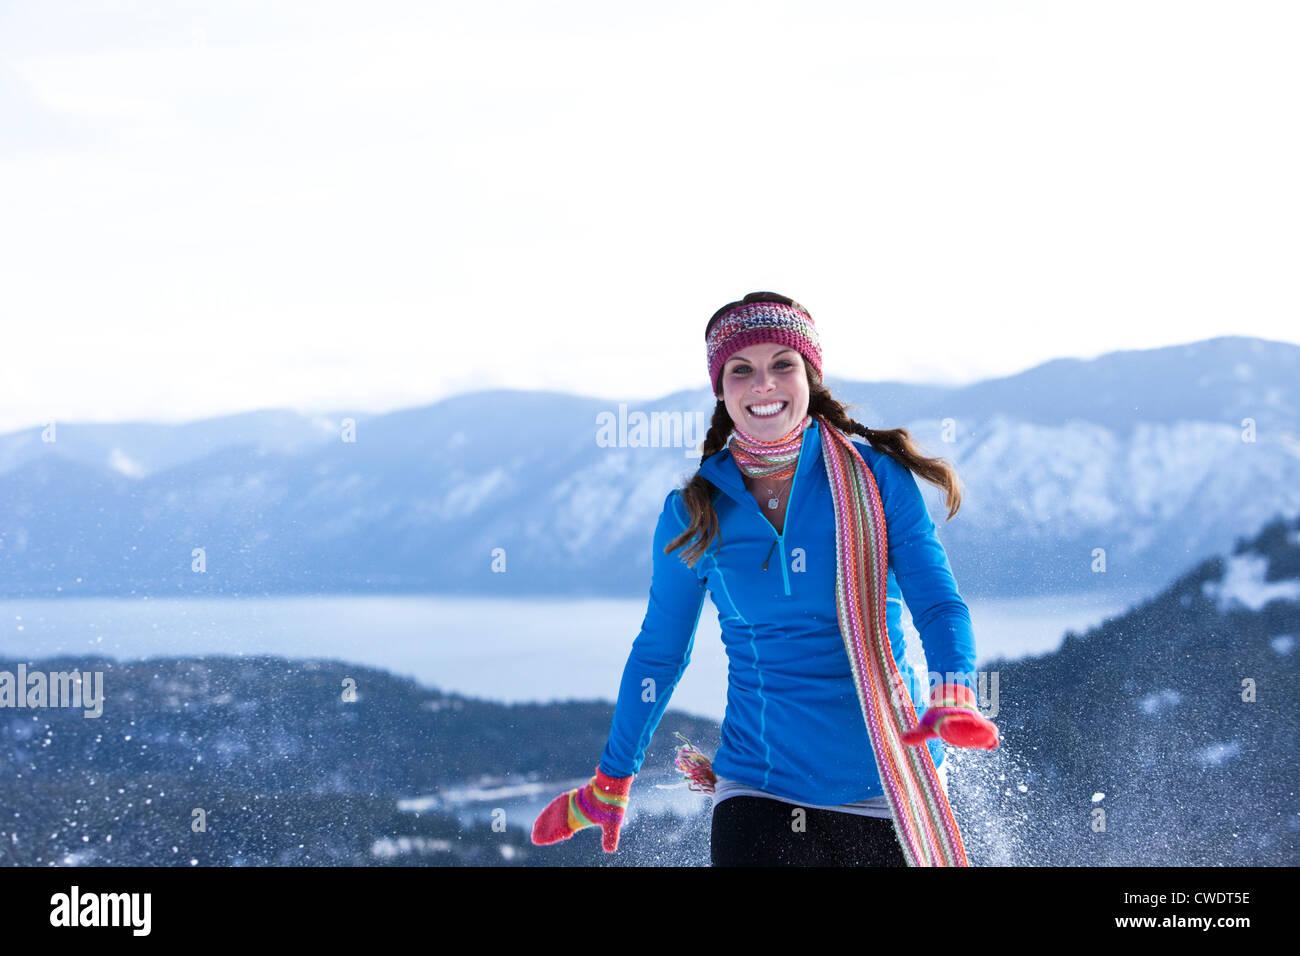 Une jeune femme athlétique rires alors que la raquette dans l'Idaho. Photo Stock